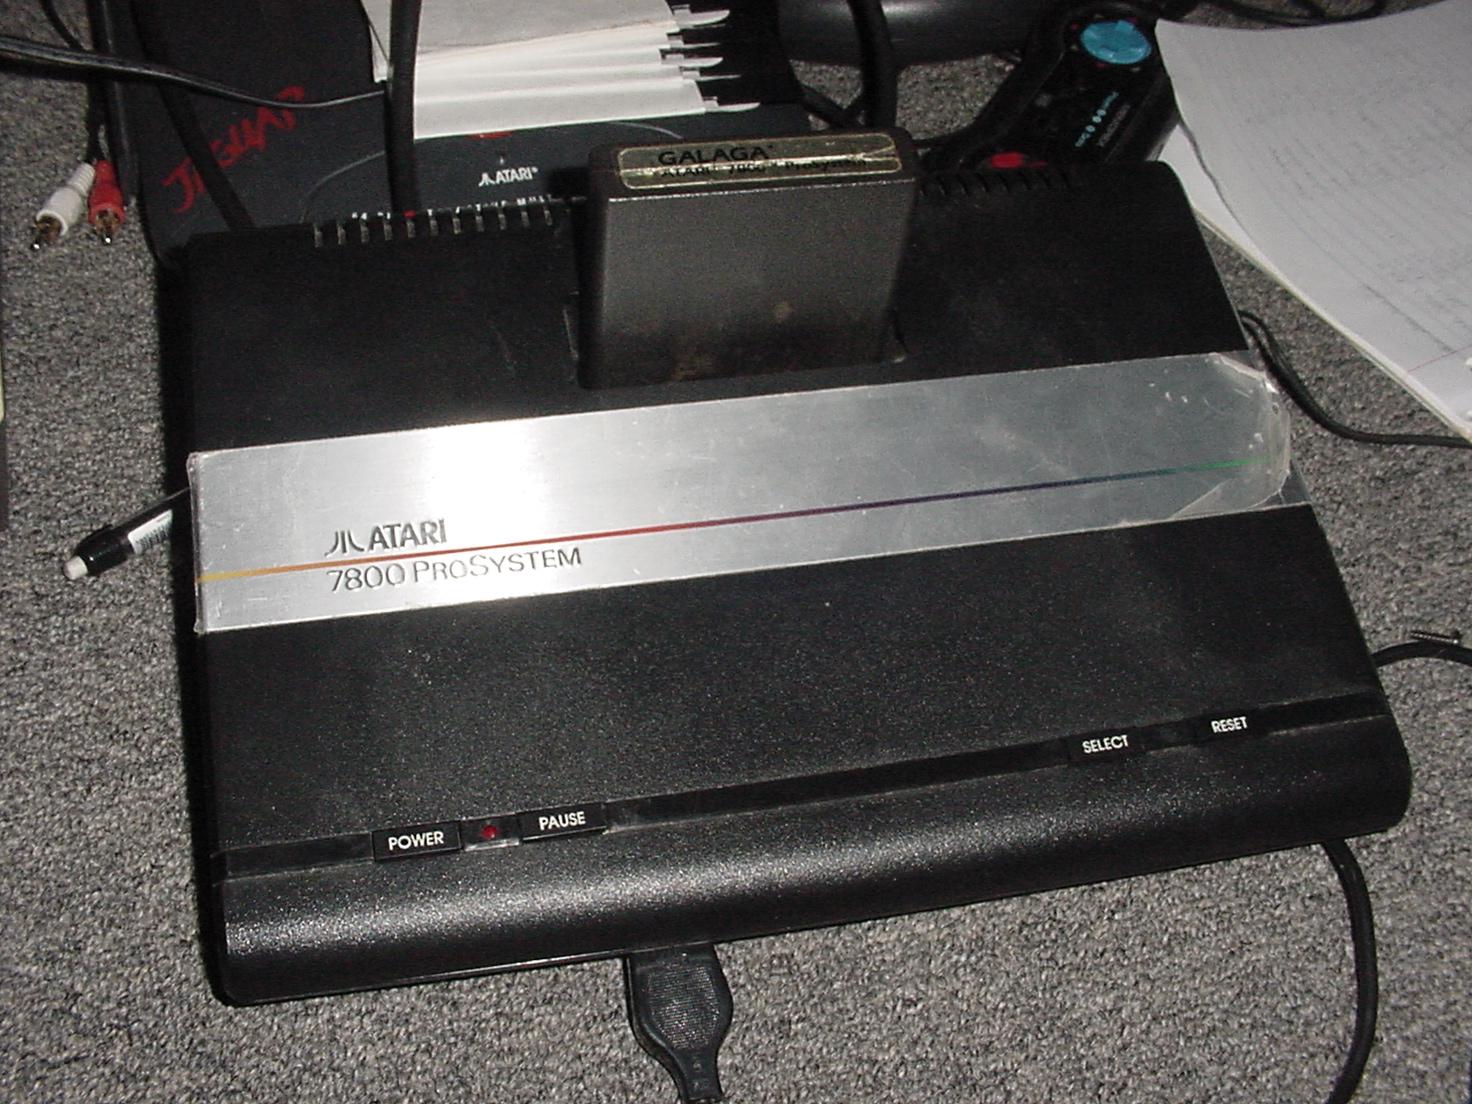 kamakazi20012: Galaga: Novice (Atari 7800) 106,940 points on 2015-06-03 11:17:51